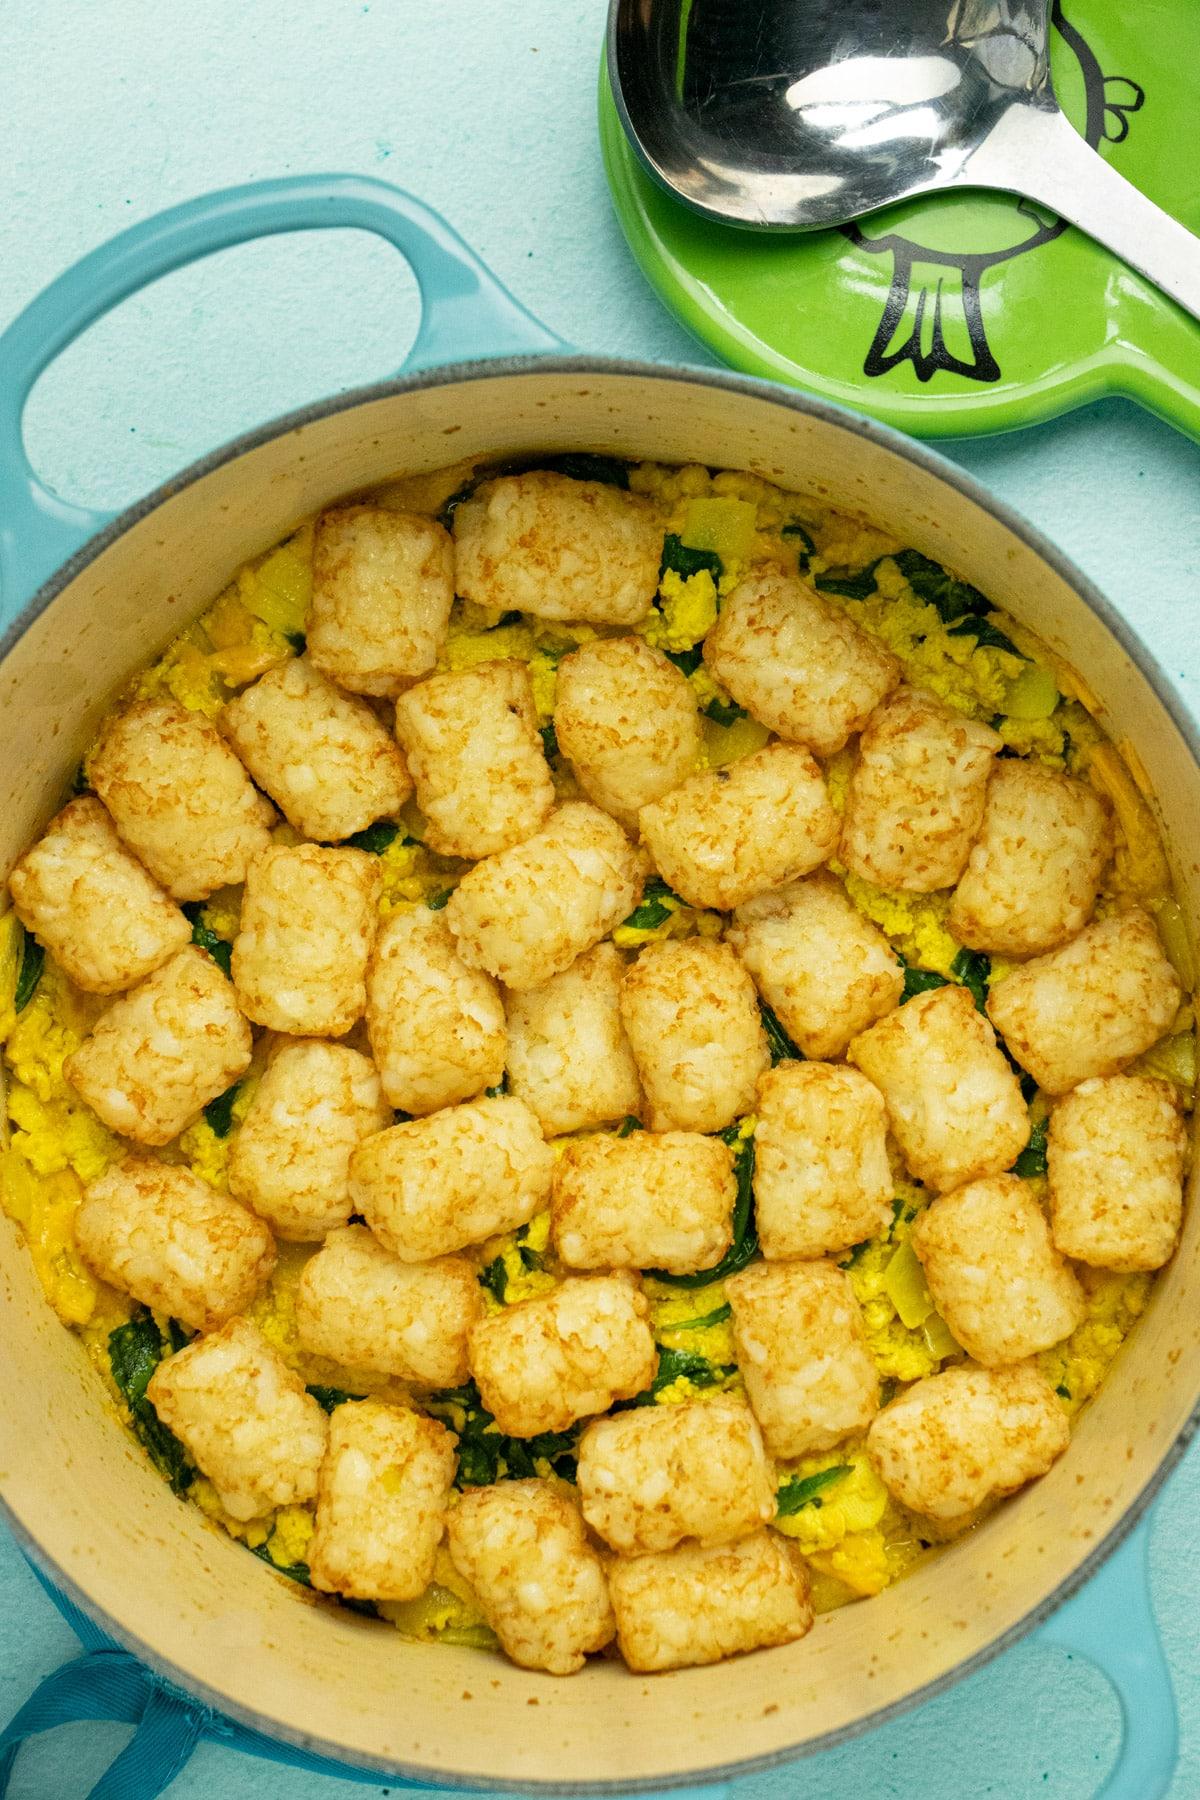 tofu scramble breakfast casserole with tater tots in a Dutch oven